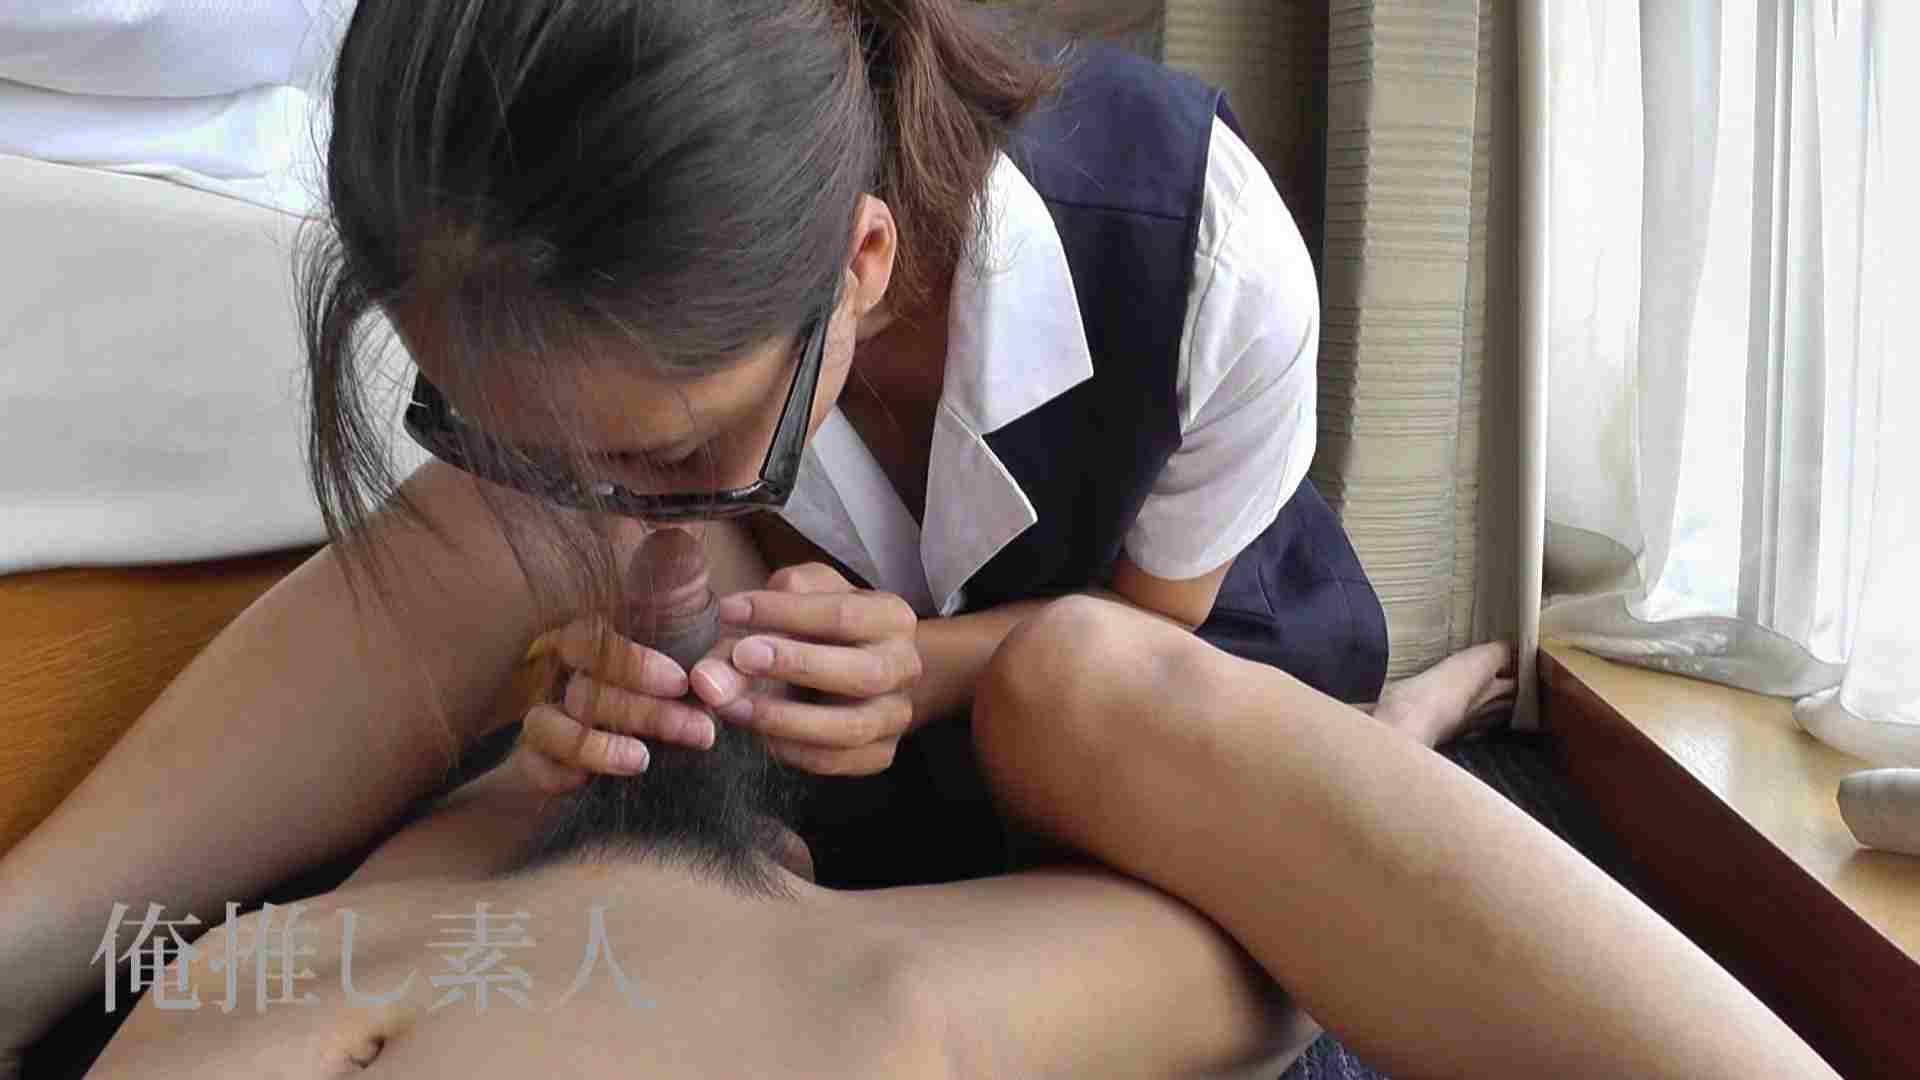 俺推し素人 30代人妻熟女キャバ嬢雫 キャバ嬢 スケベ動画紹介 86連発 48